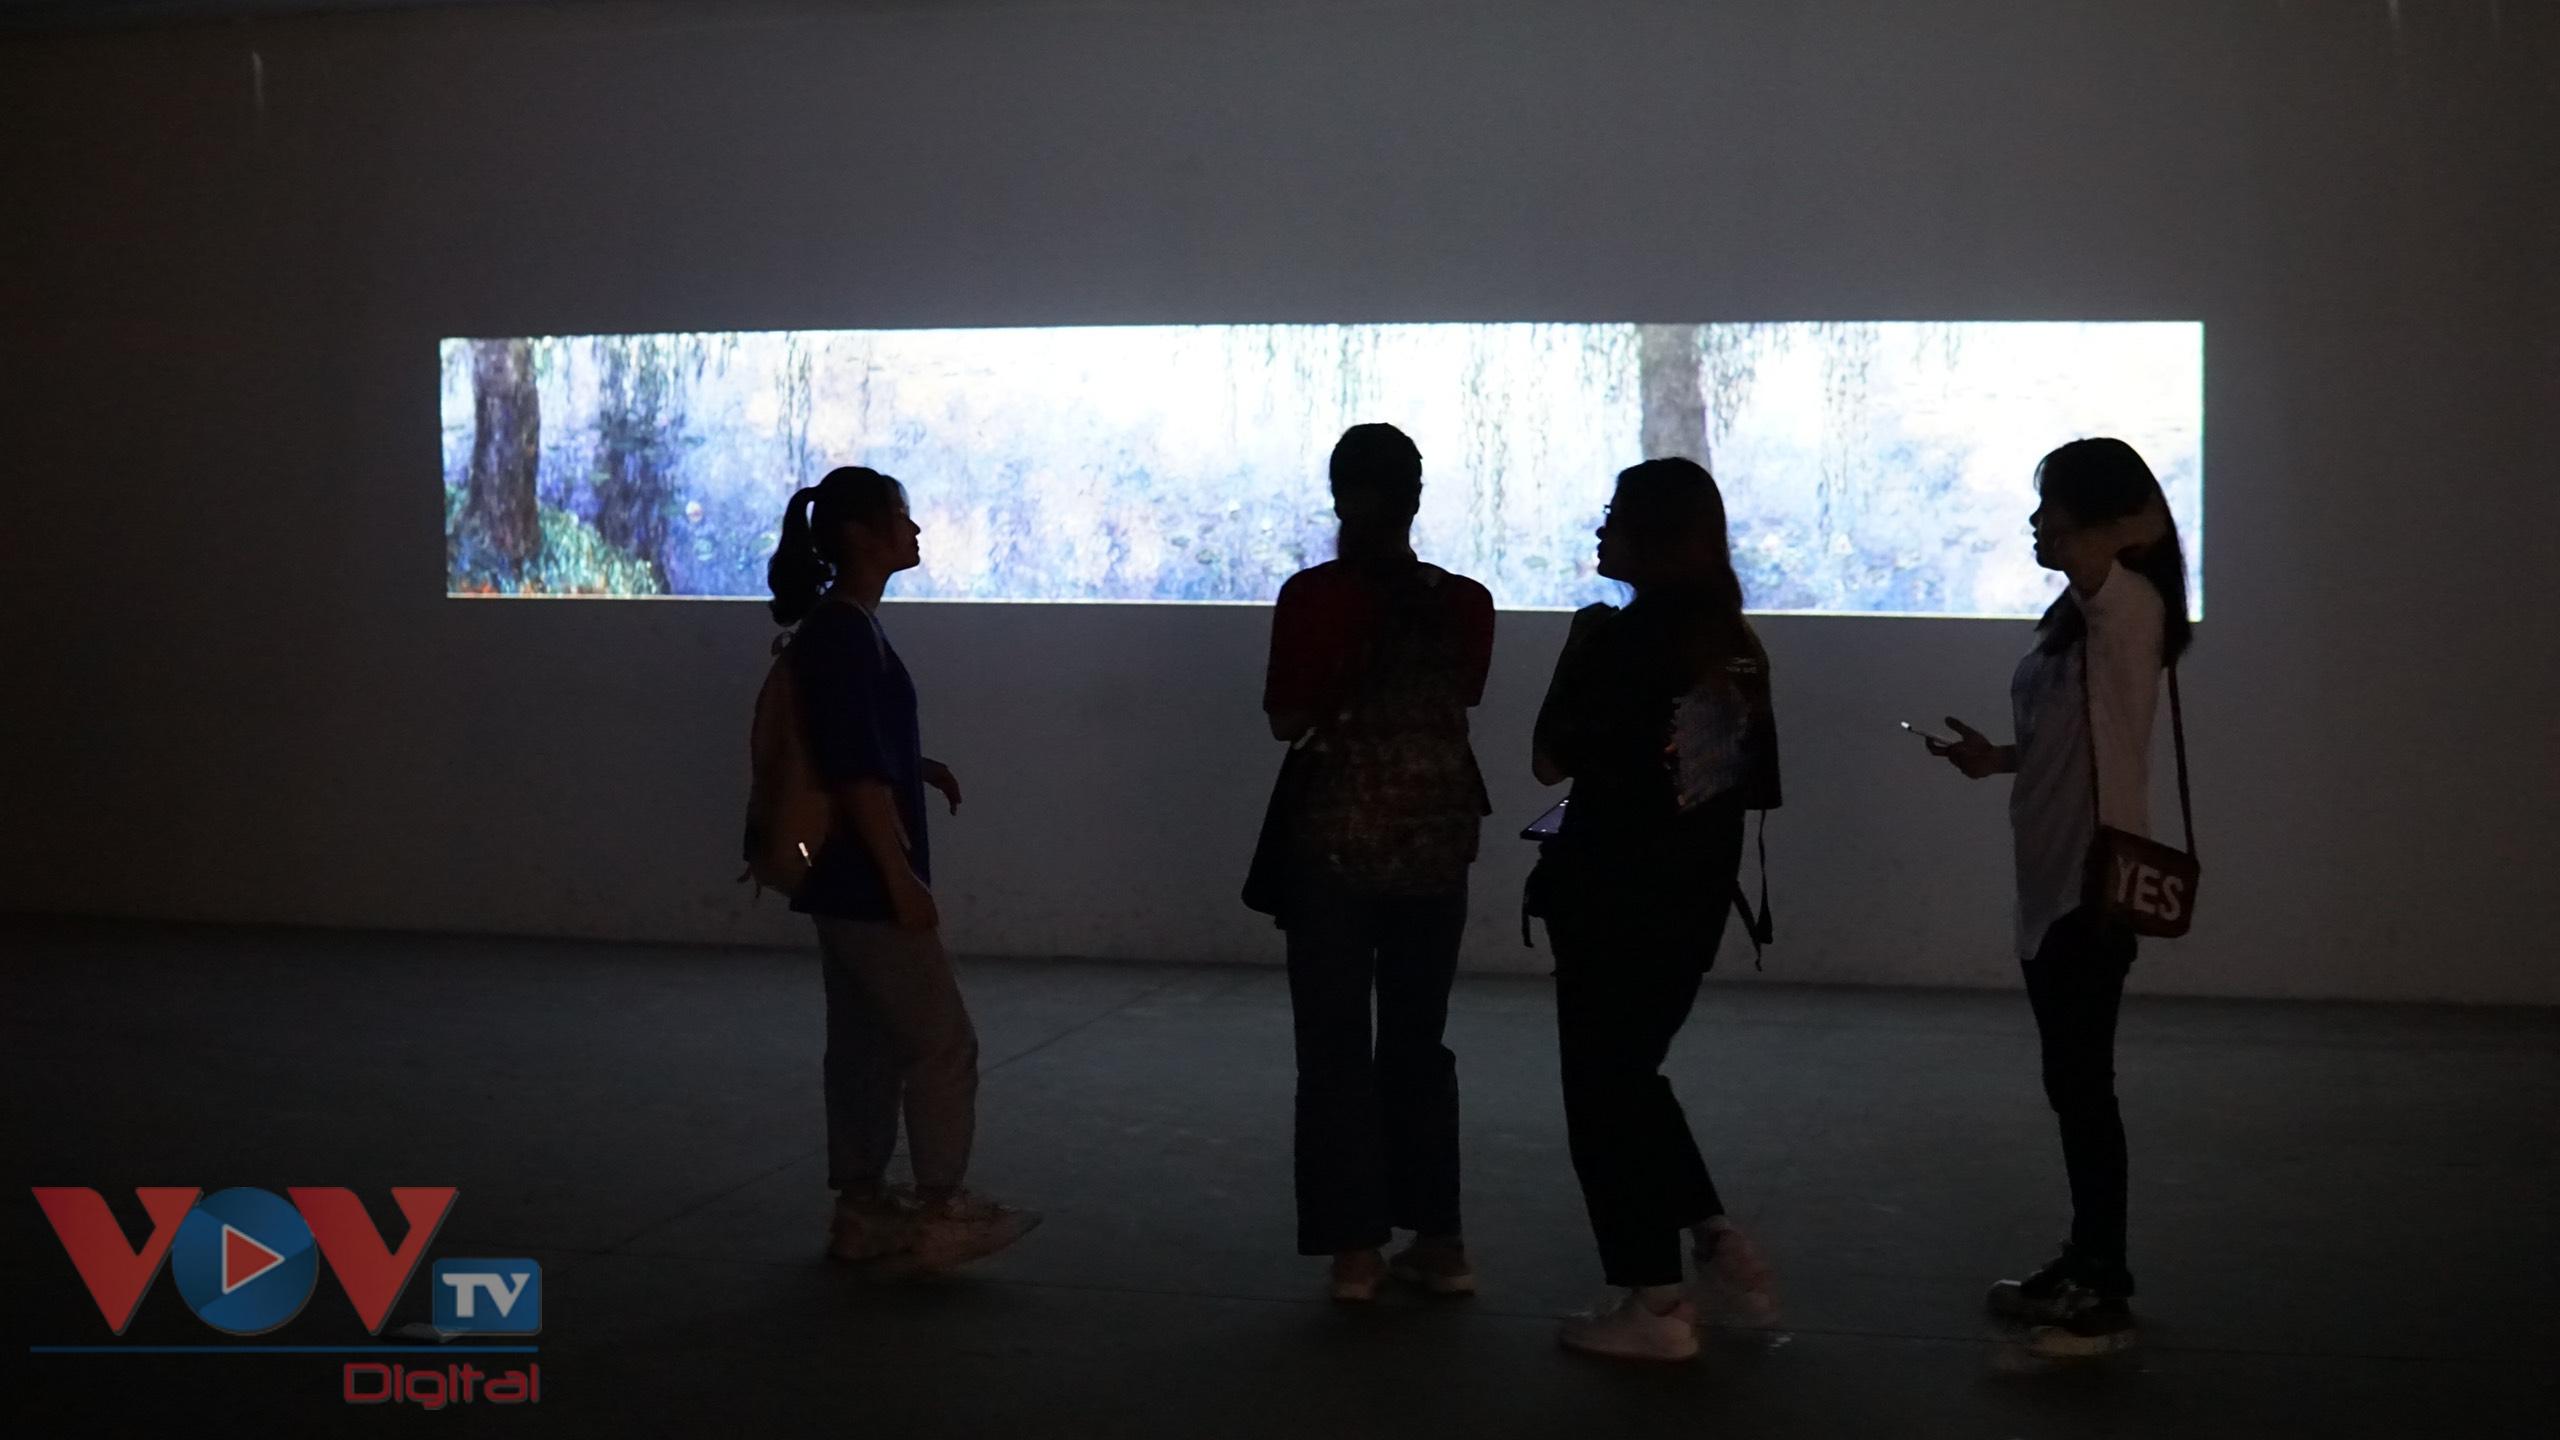 'Lặng yên rực rỡ': Cuộc chu du trong thế giới nghệ thuật - Ảnh 2.